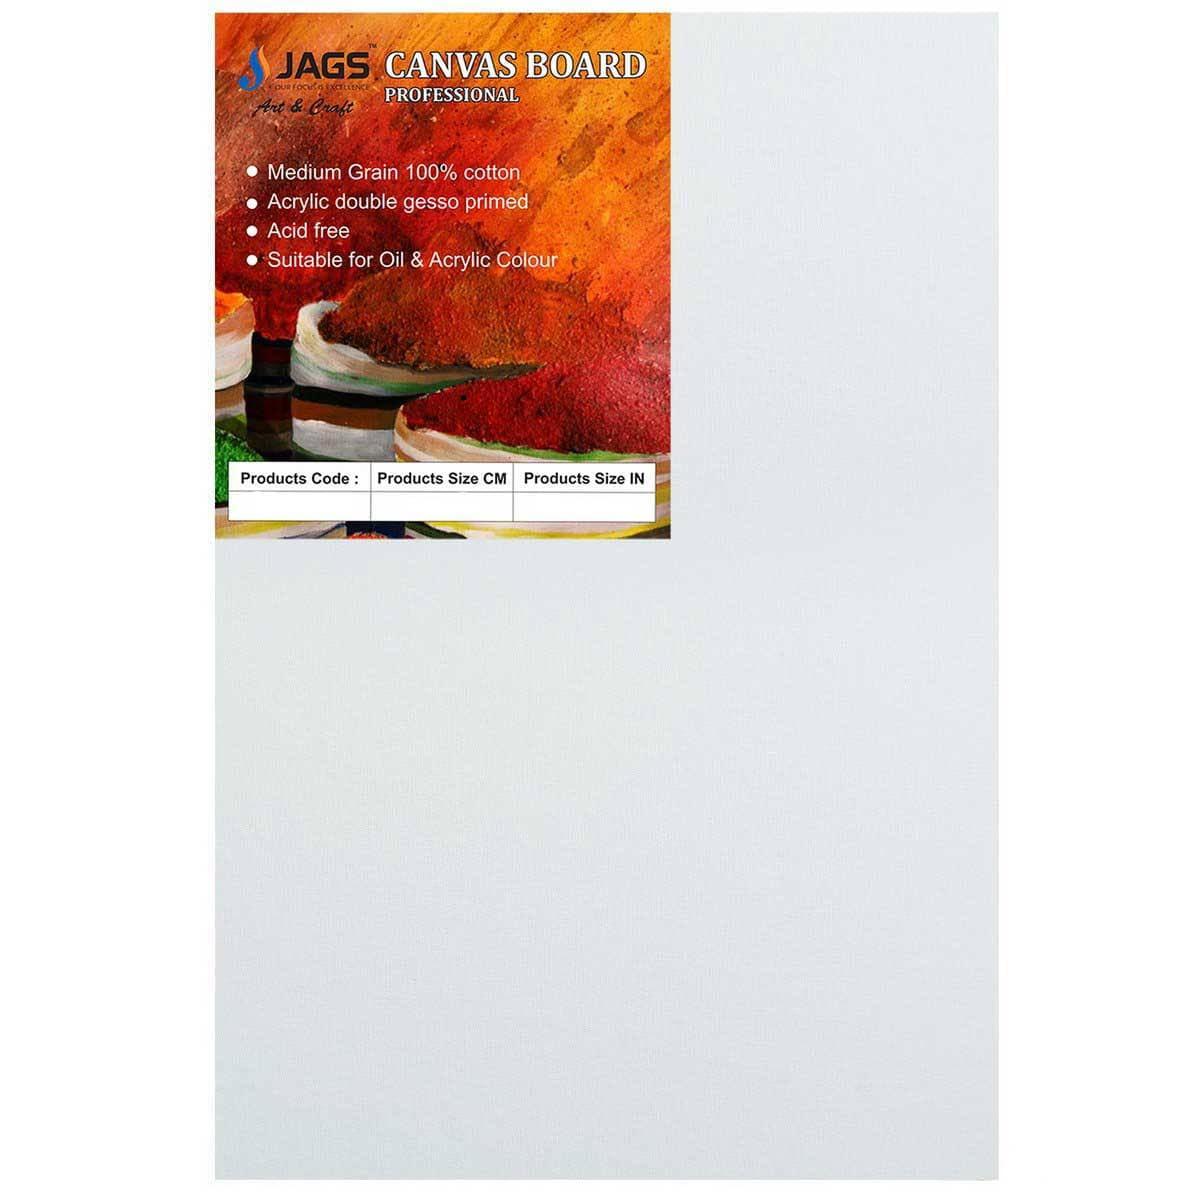 MDF White Canvas Board Size: 30.5 X 61 cm (12x24 Inches)